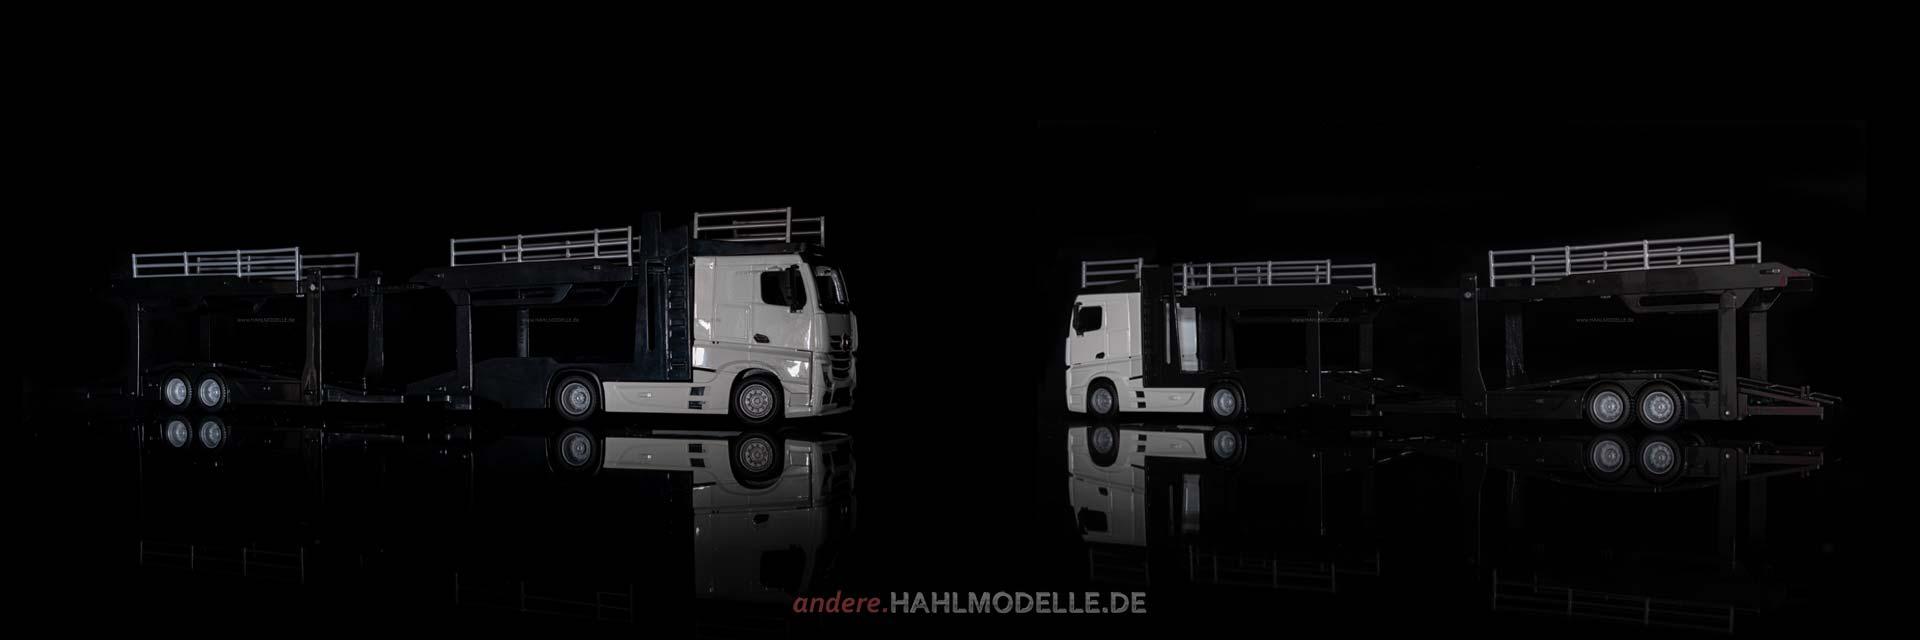 Mercedes-Benz Actros (BM 963) | LKW Autotransporter | Bburago | 1:43 | www.andere.hahlmodelle.de